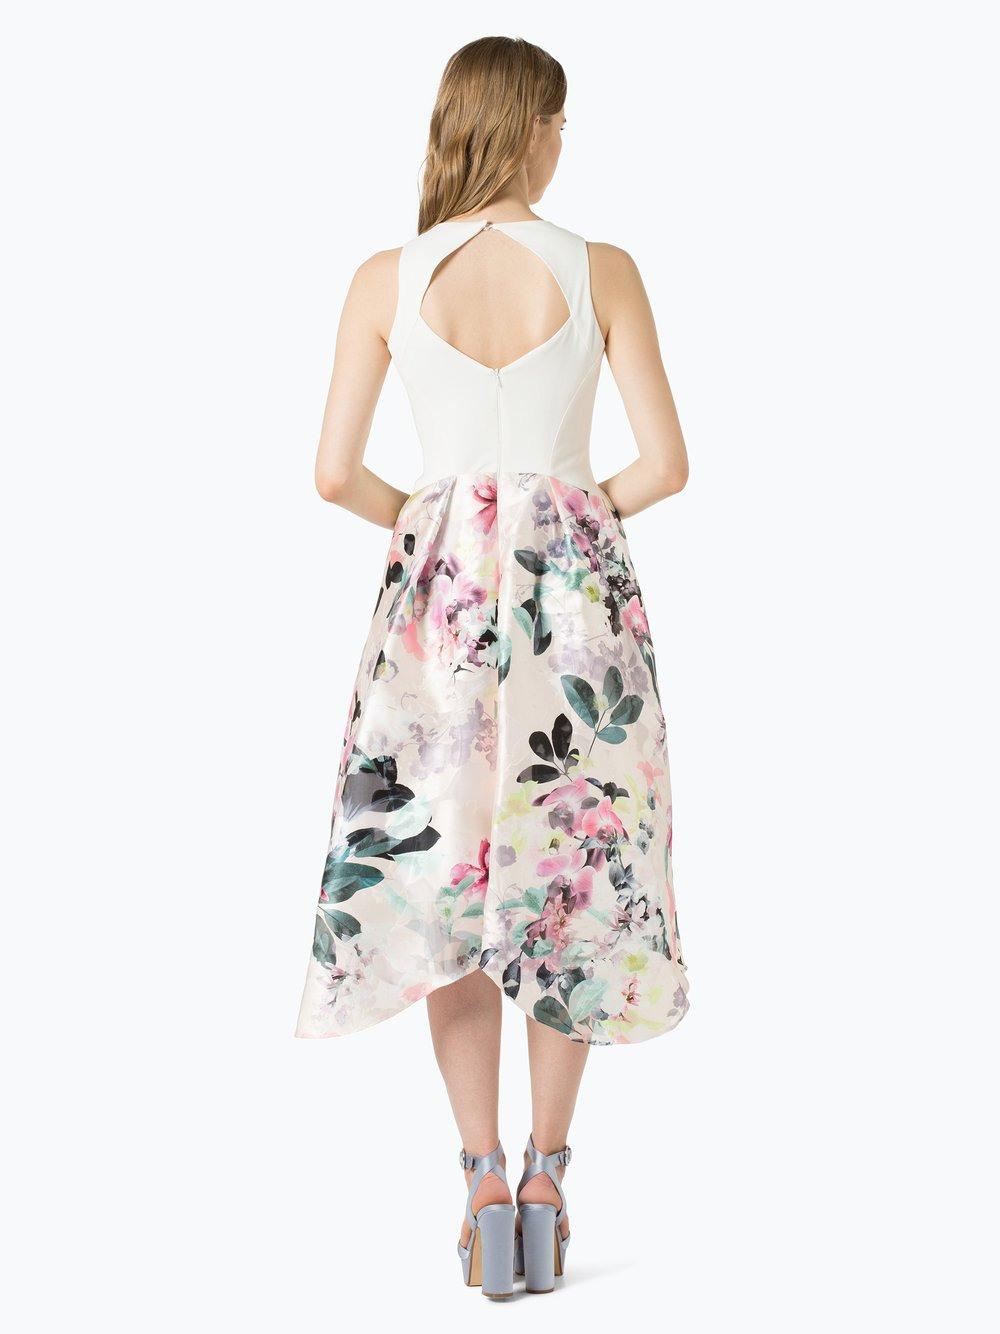 Abend Schön Orsay Abend Kleid BoutiqueAbend Spektakulär Orsay Abend Kleid Bester Preis